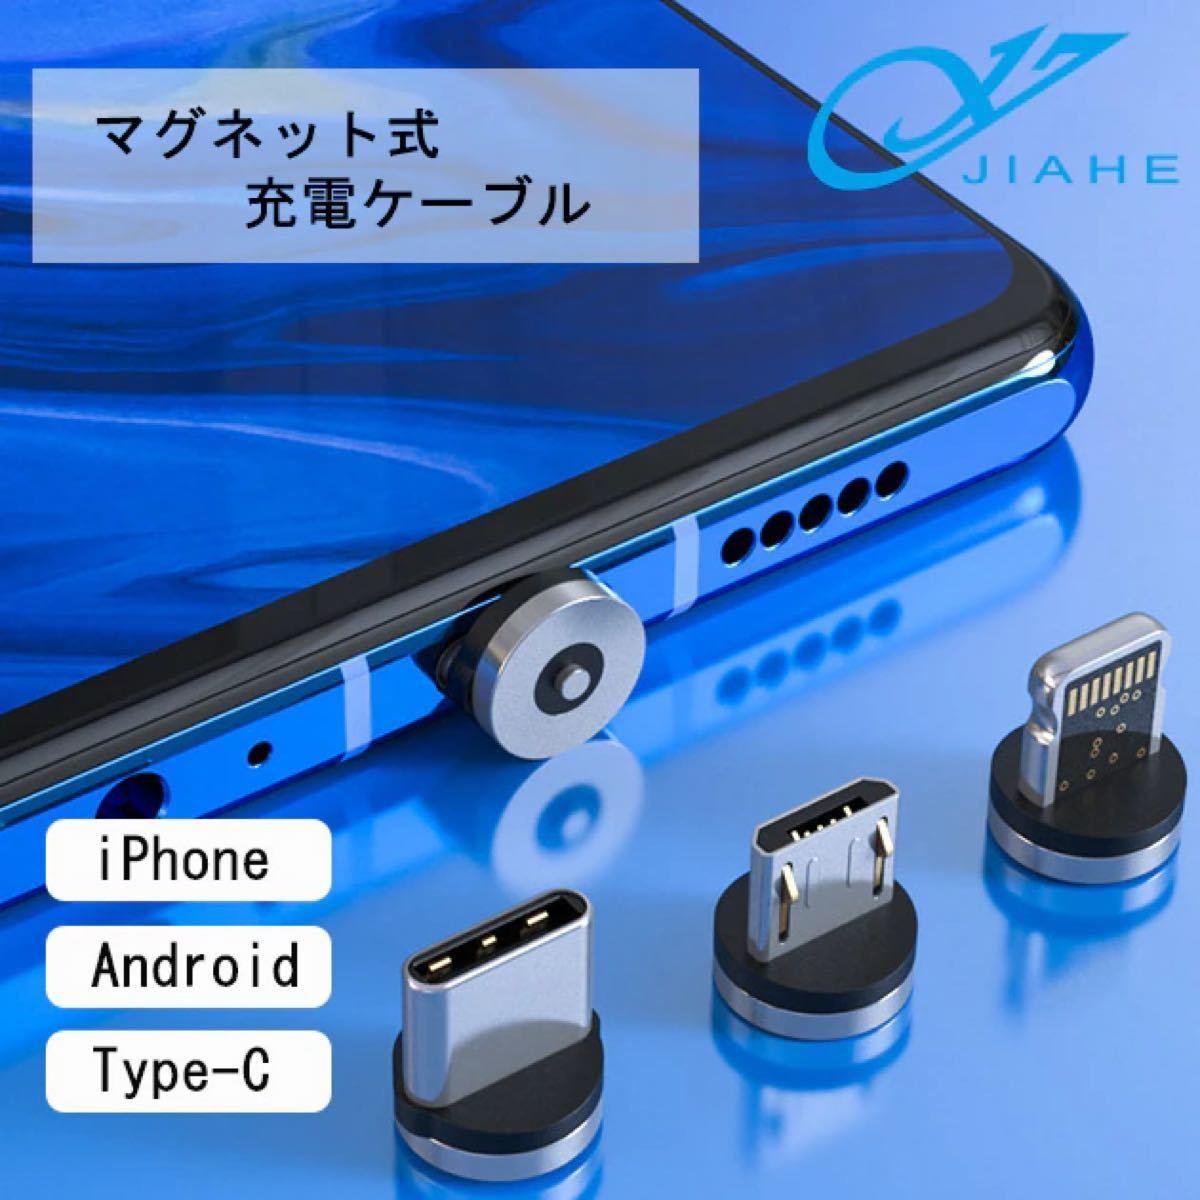 マグネット 変換プラグ 防塵 アダプター充電ケーブル 1M iPhone Android TYPE-C 急速充電 磁石式